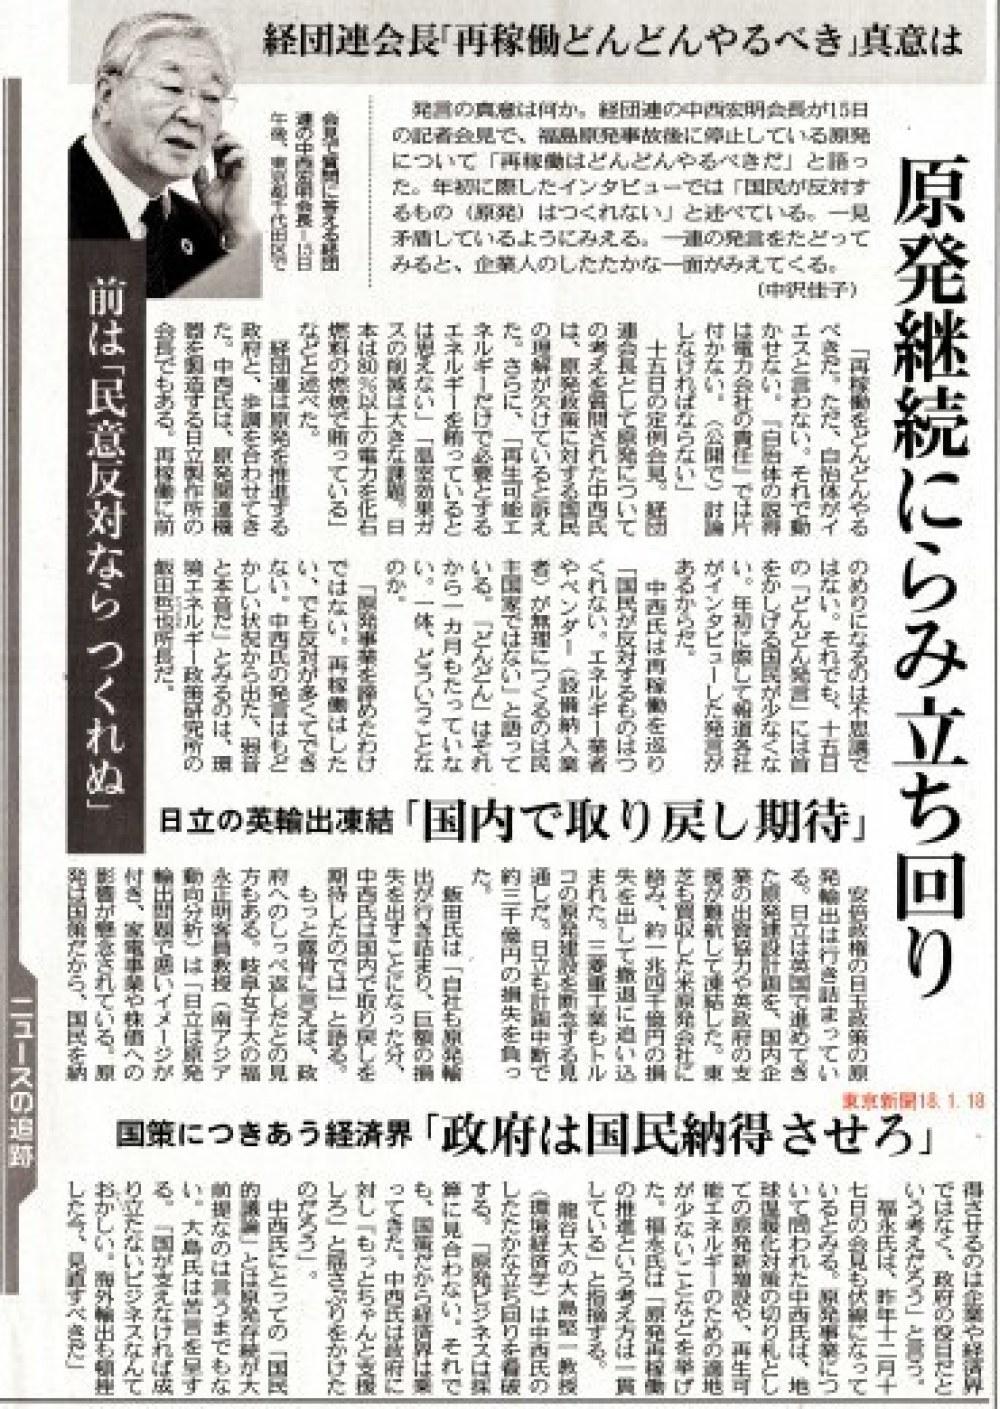 経団連会長「再稼働どんどんやるべき」真意は / 東京新聞 _b0242956_05355852.jpg